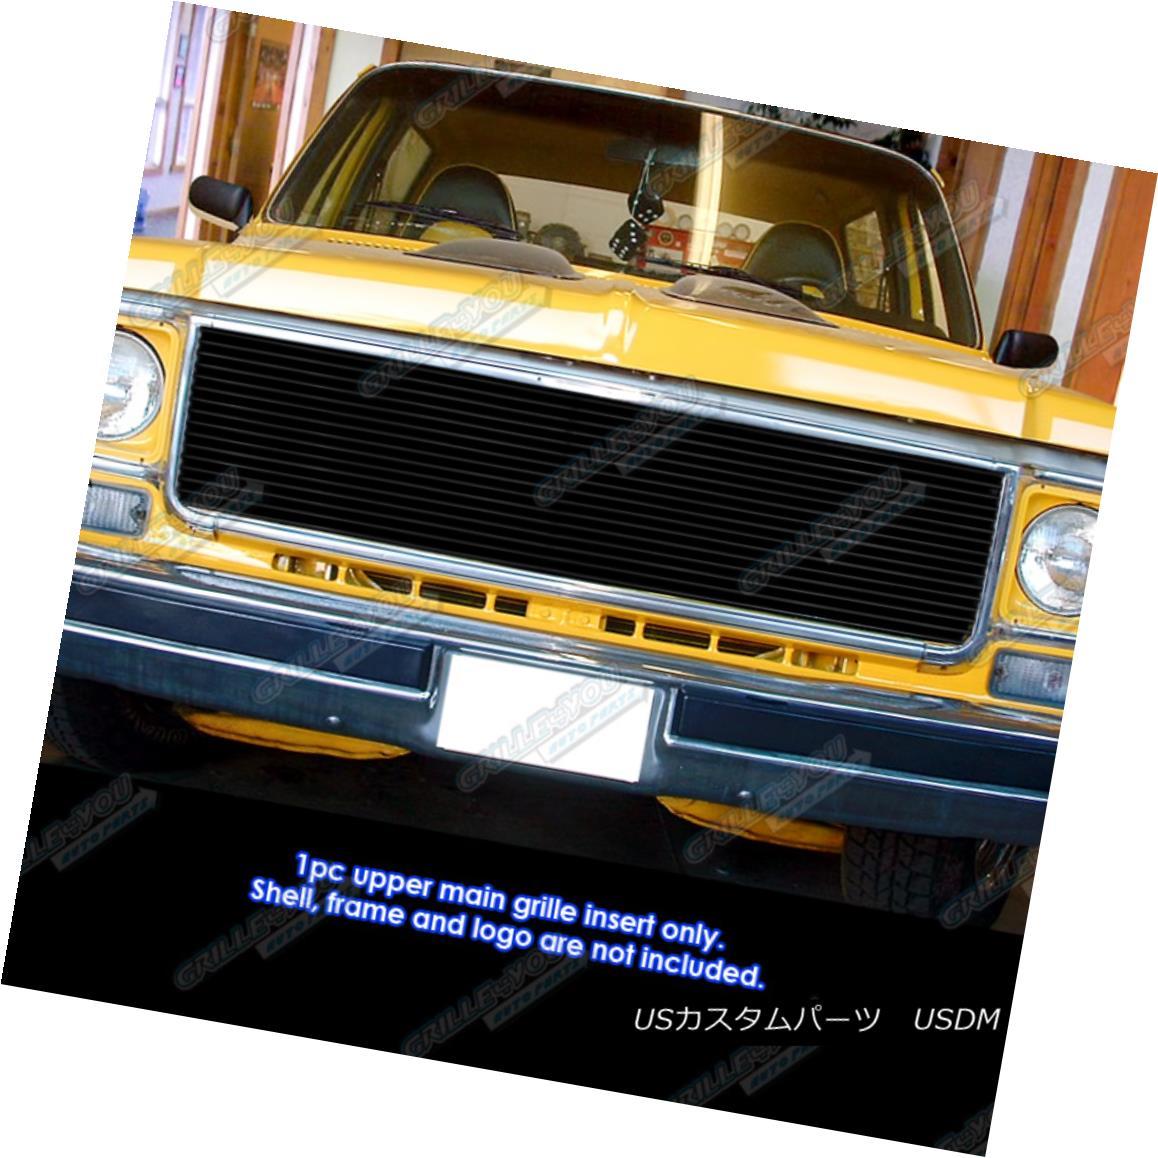 グリル Fits 1973-1980 Chevy GMC Blazer/C/K Pickup/Suburban Black Billet Grille フィット1973-1980 Chevy GMC Blazer / C / Kピックアップ/サバーバン n Black Billet Grille